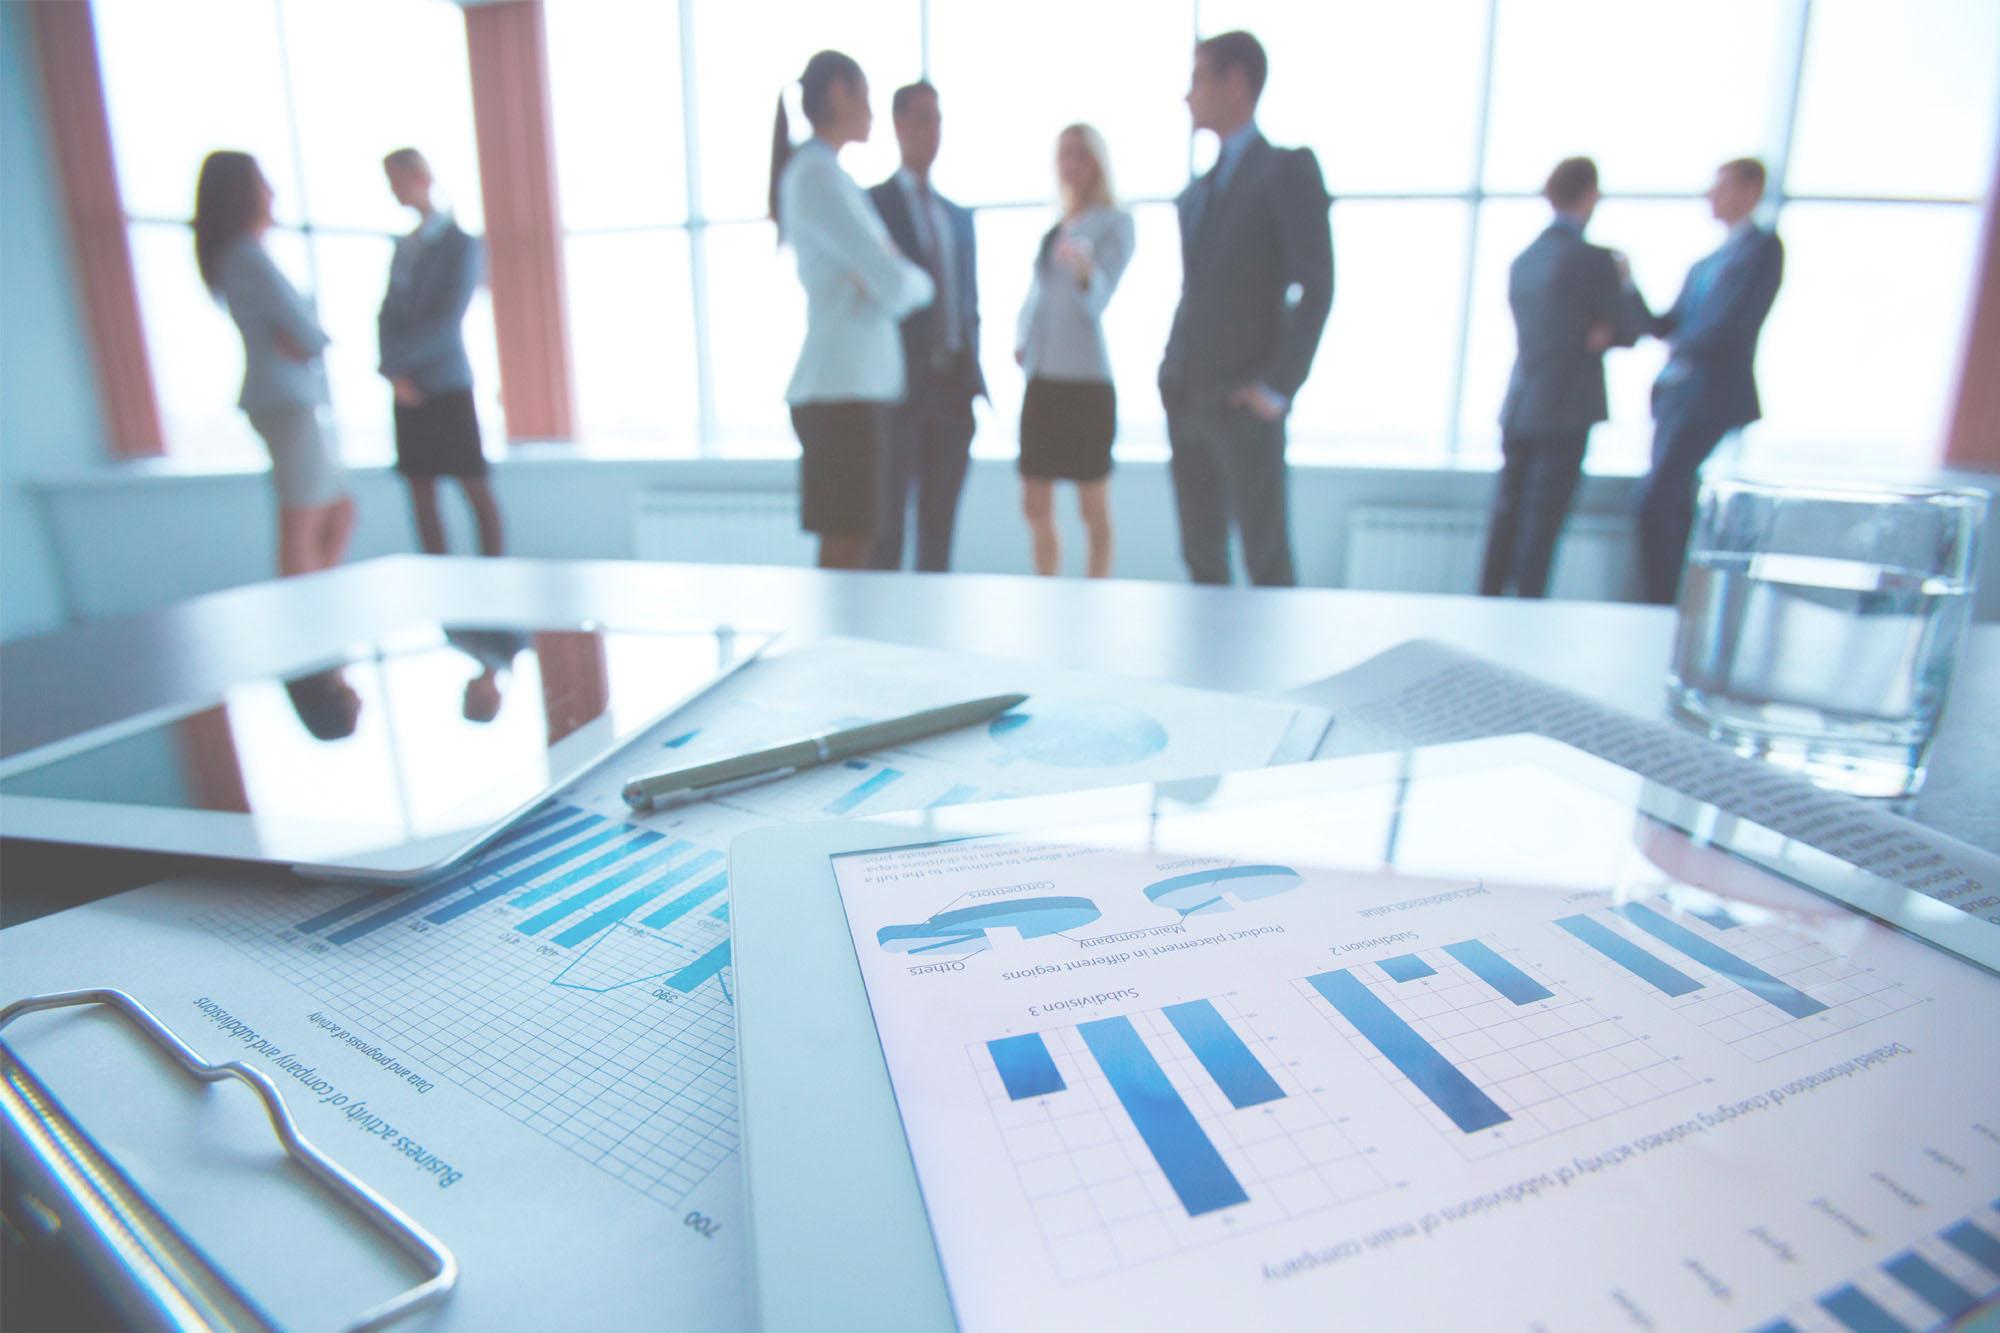 Gestoría-Laboral-Asesoría-Fiscal-y-Contable-en-El-Puerto-de-Santa-María